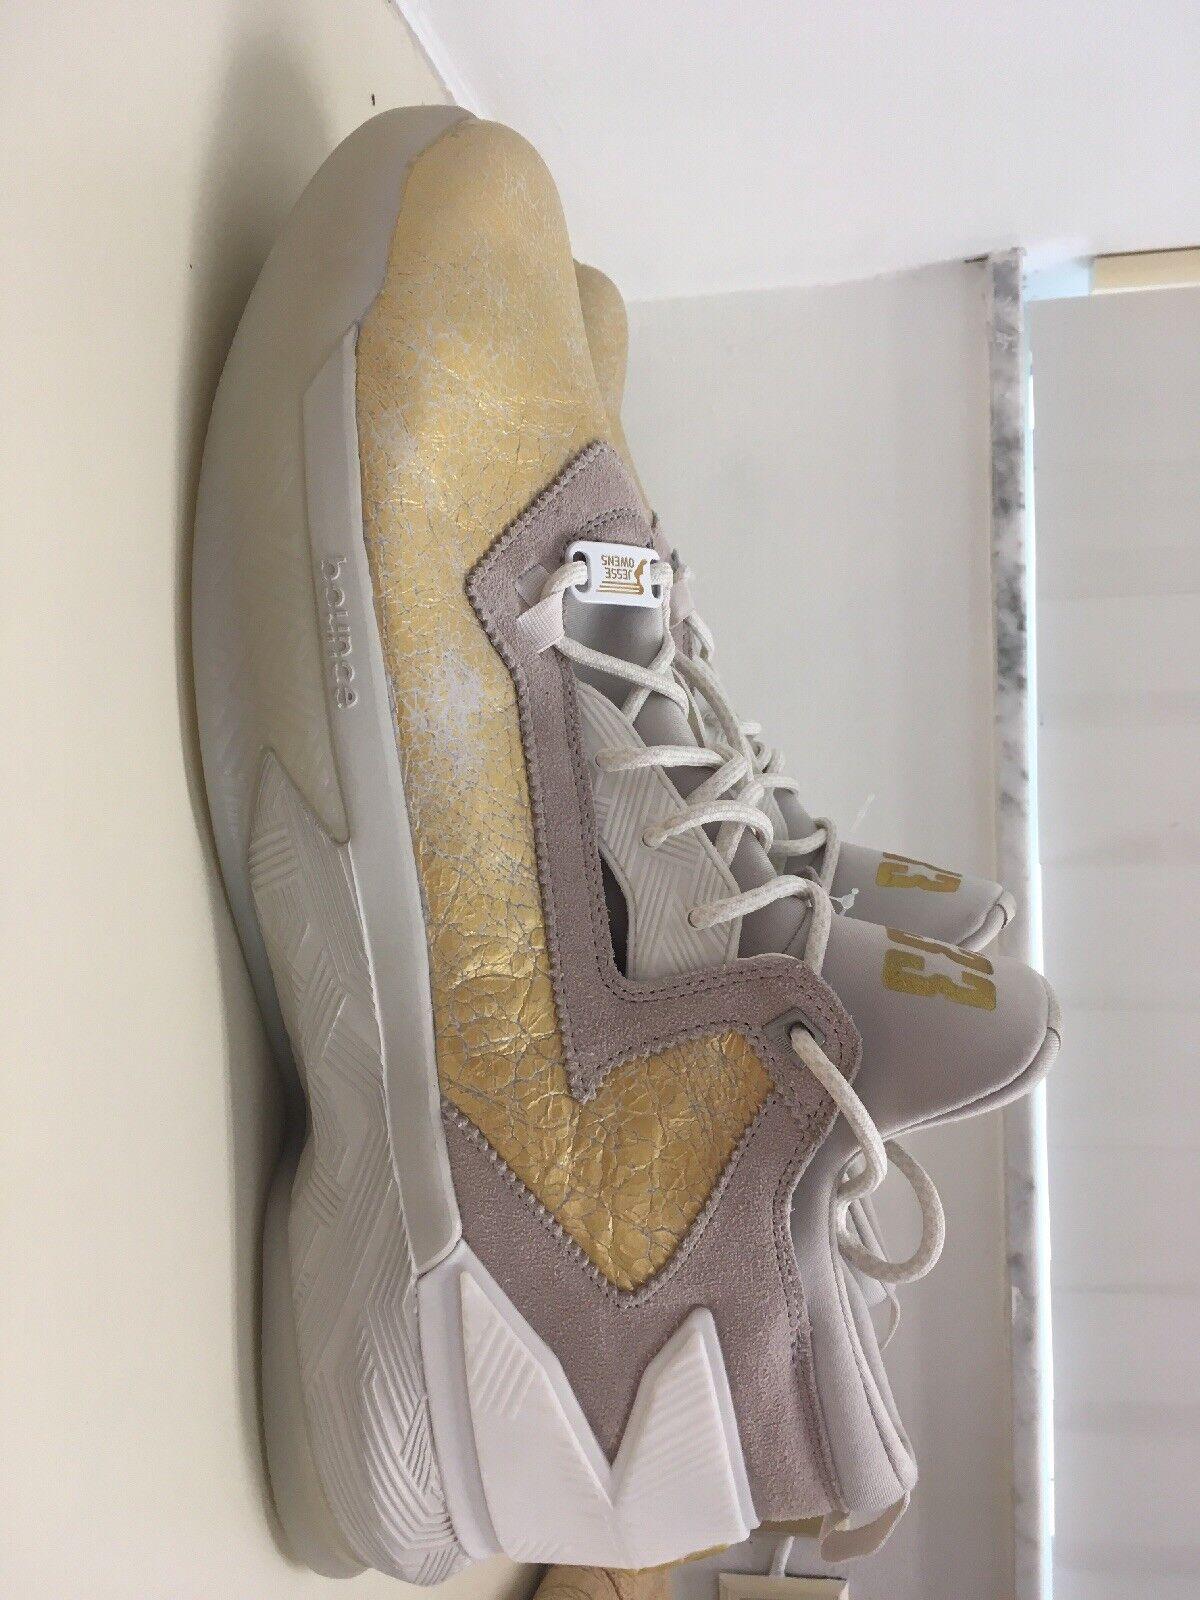 Adidas Damian D Lillard 2 BHM Talc Gold Dust Dust Dust Metallic White 17 AQ7959 aea88b